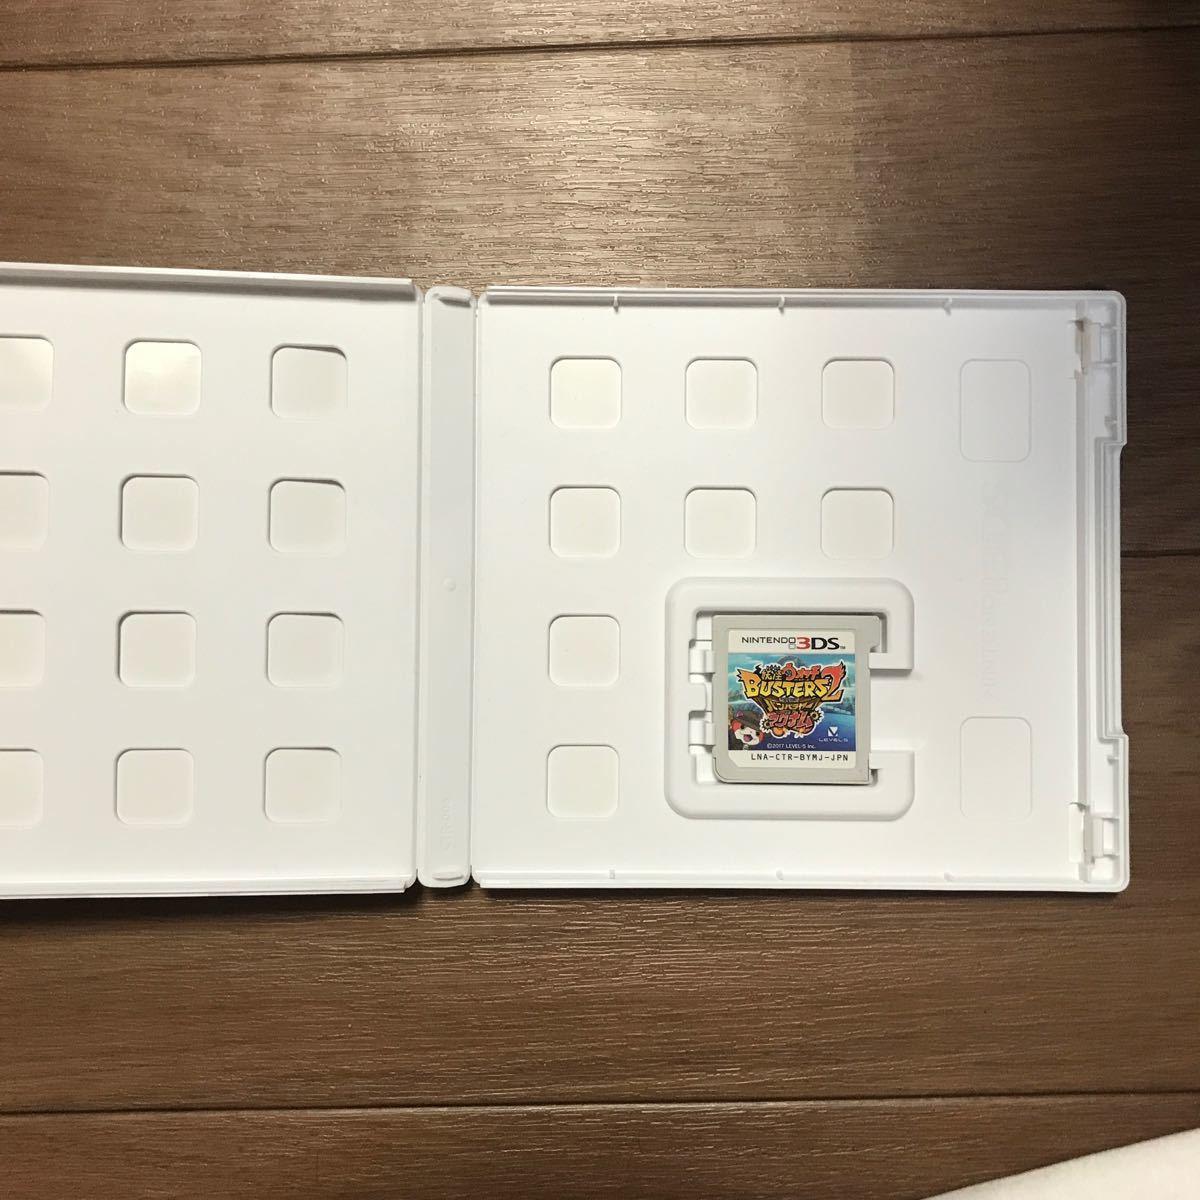 妖怪ウォッチバスターズ2 バンバラヤー マグナム 3DS 任天堂3DS 秘宝伝説